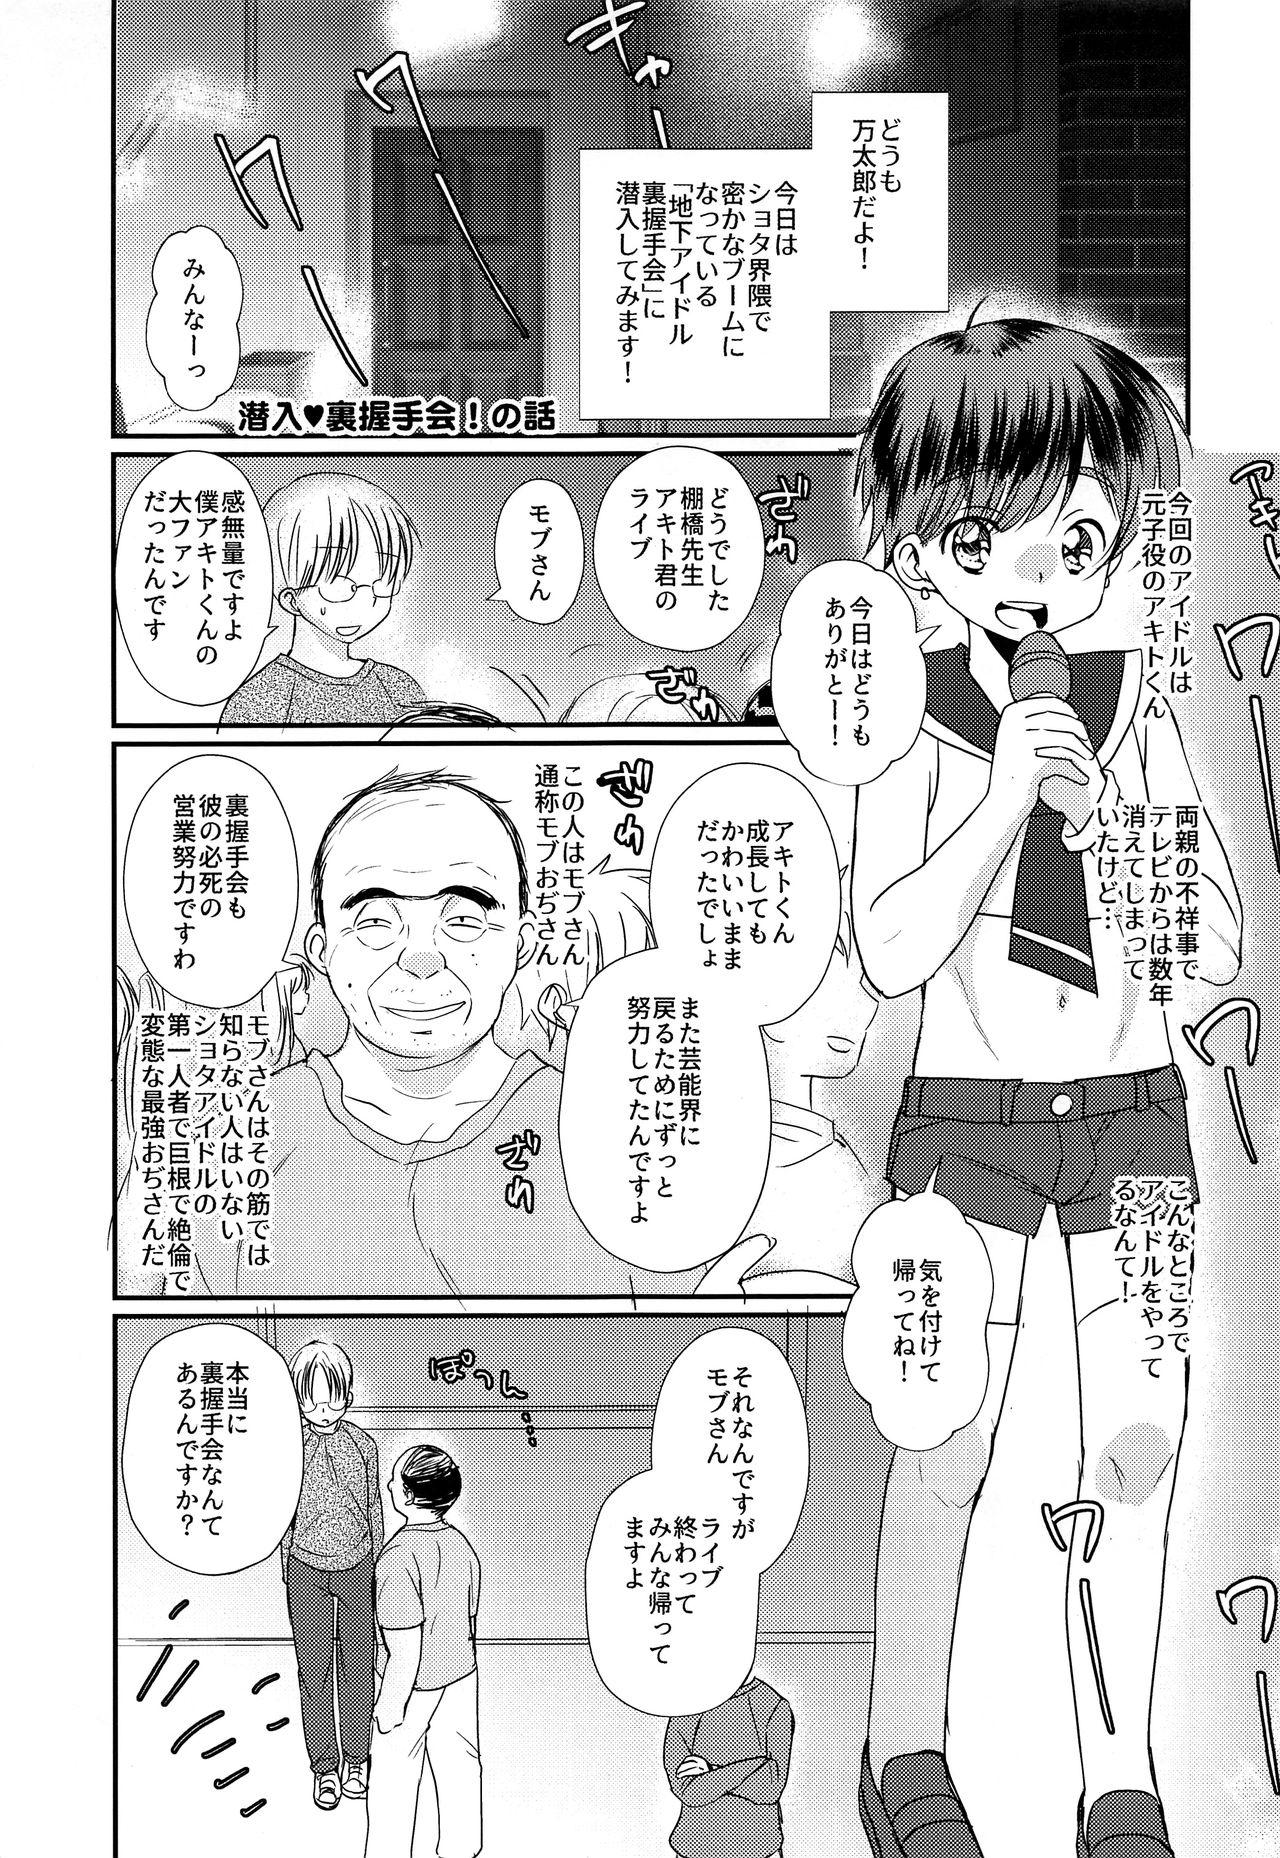 Tokumori! Shota Fuuzoku Saizensen 40